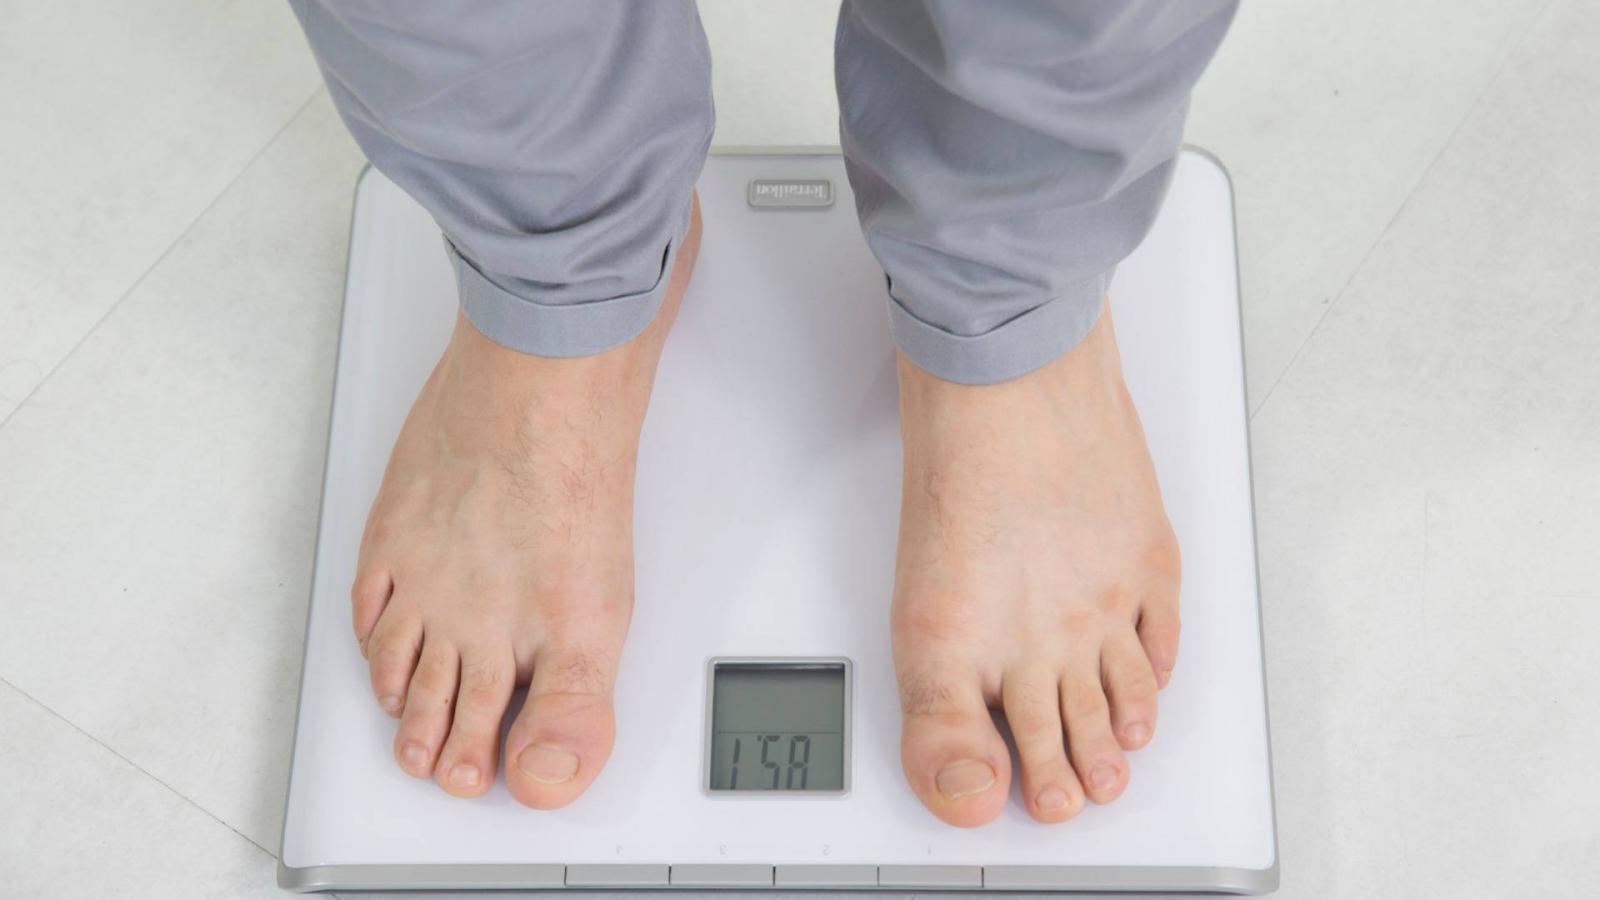 éhség és ízületi betegségek ízületi és csontbetegségek